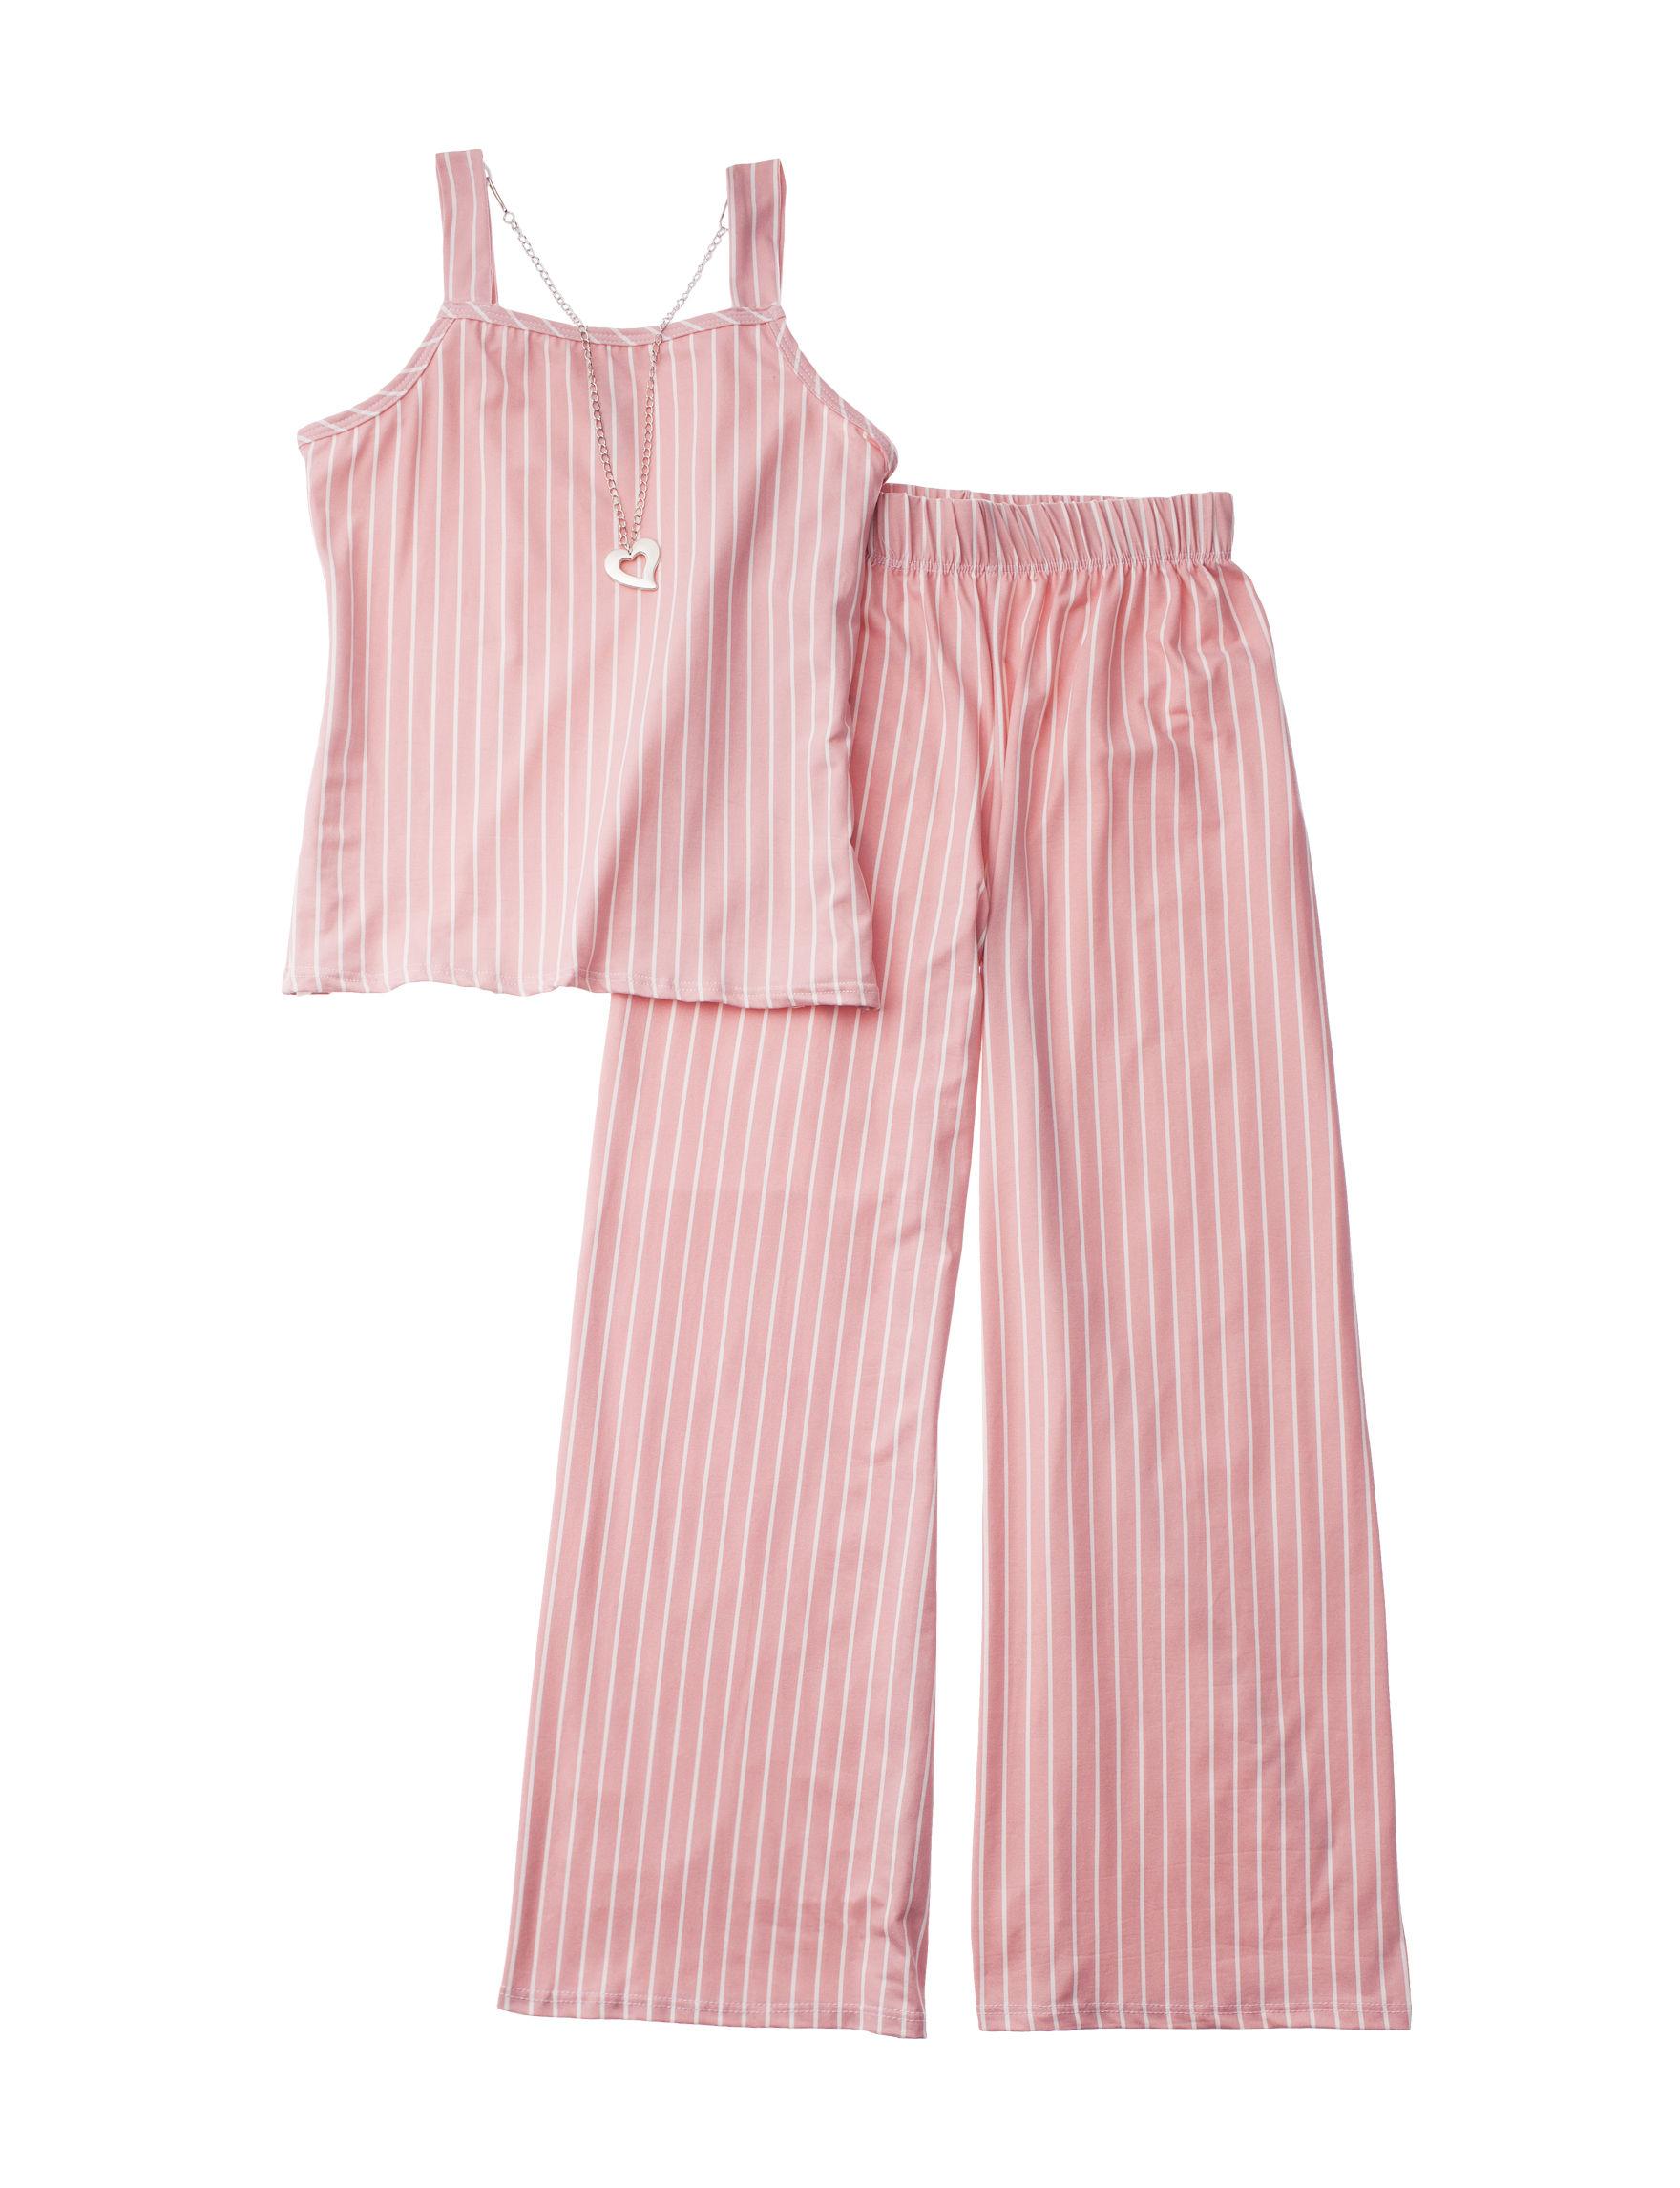 Insta Girl Pink Stripe Tees & Tanks